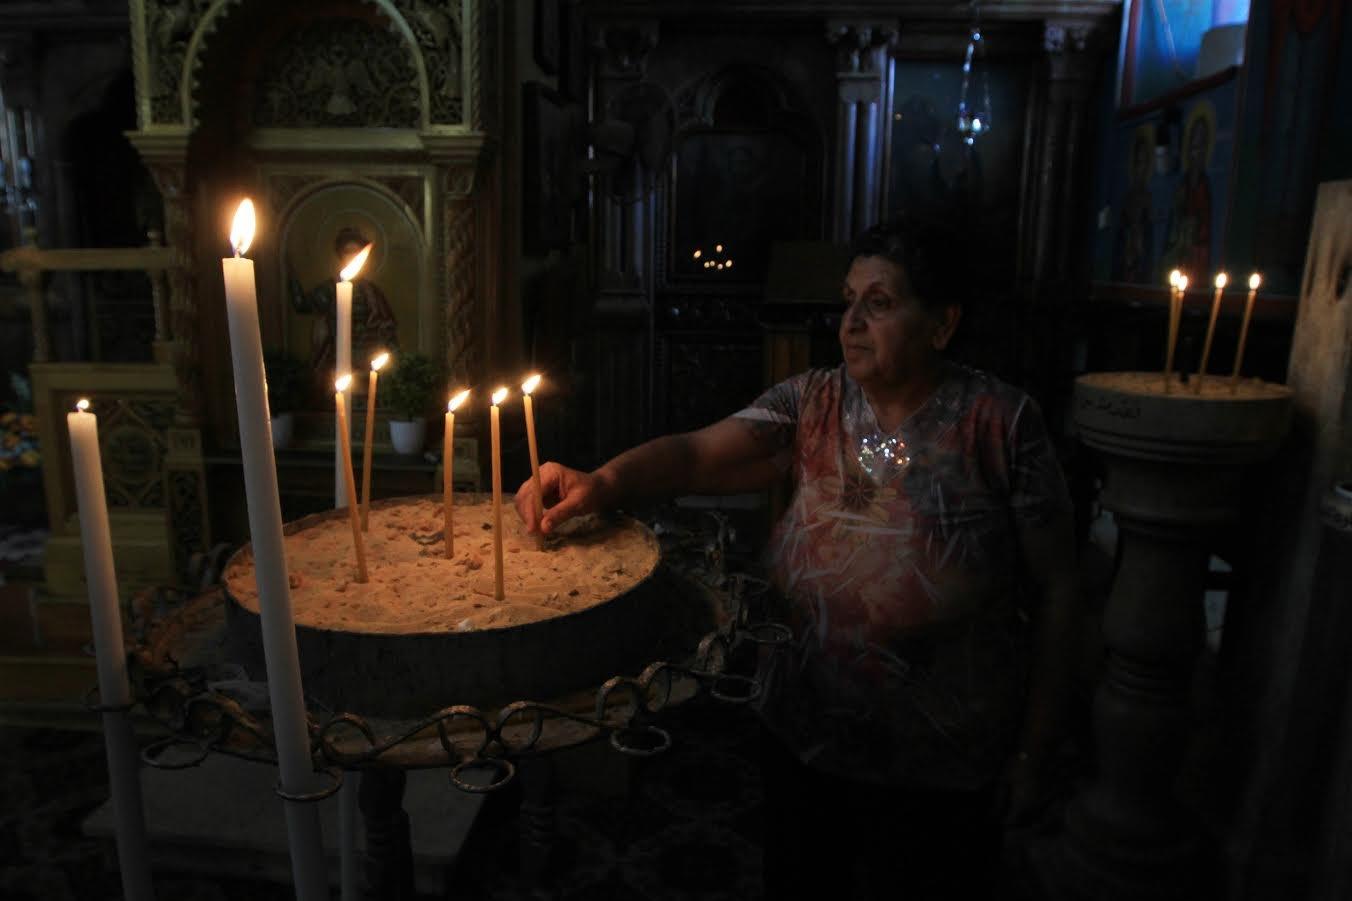 الطوائف المسيحية الشرقية تبدأ اليوم احتفالاتها بـعيد الخضر